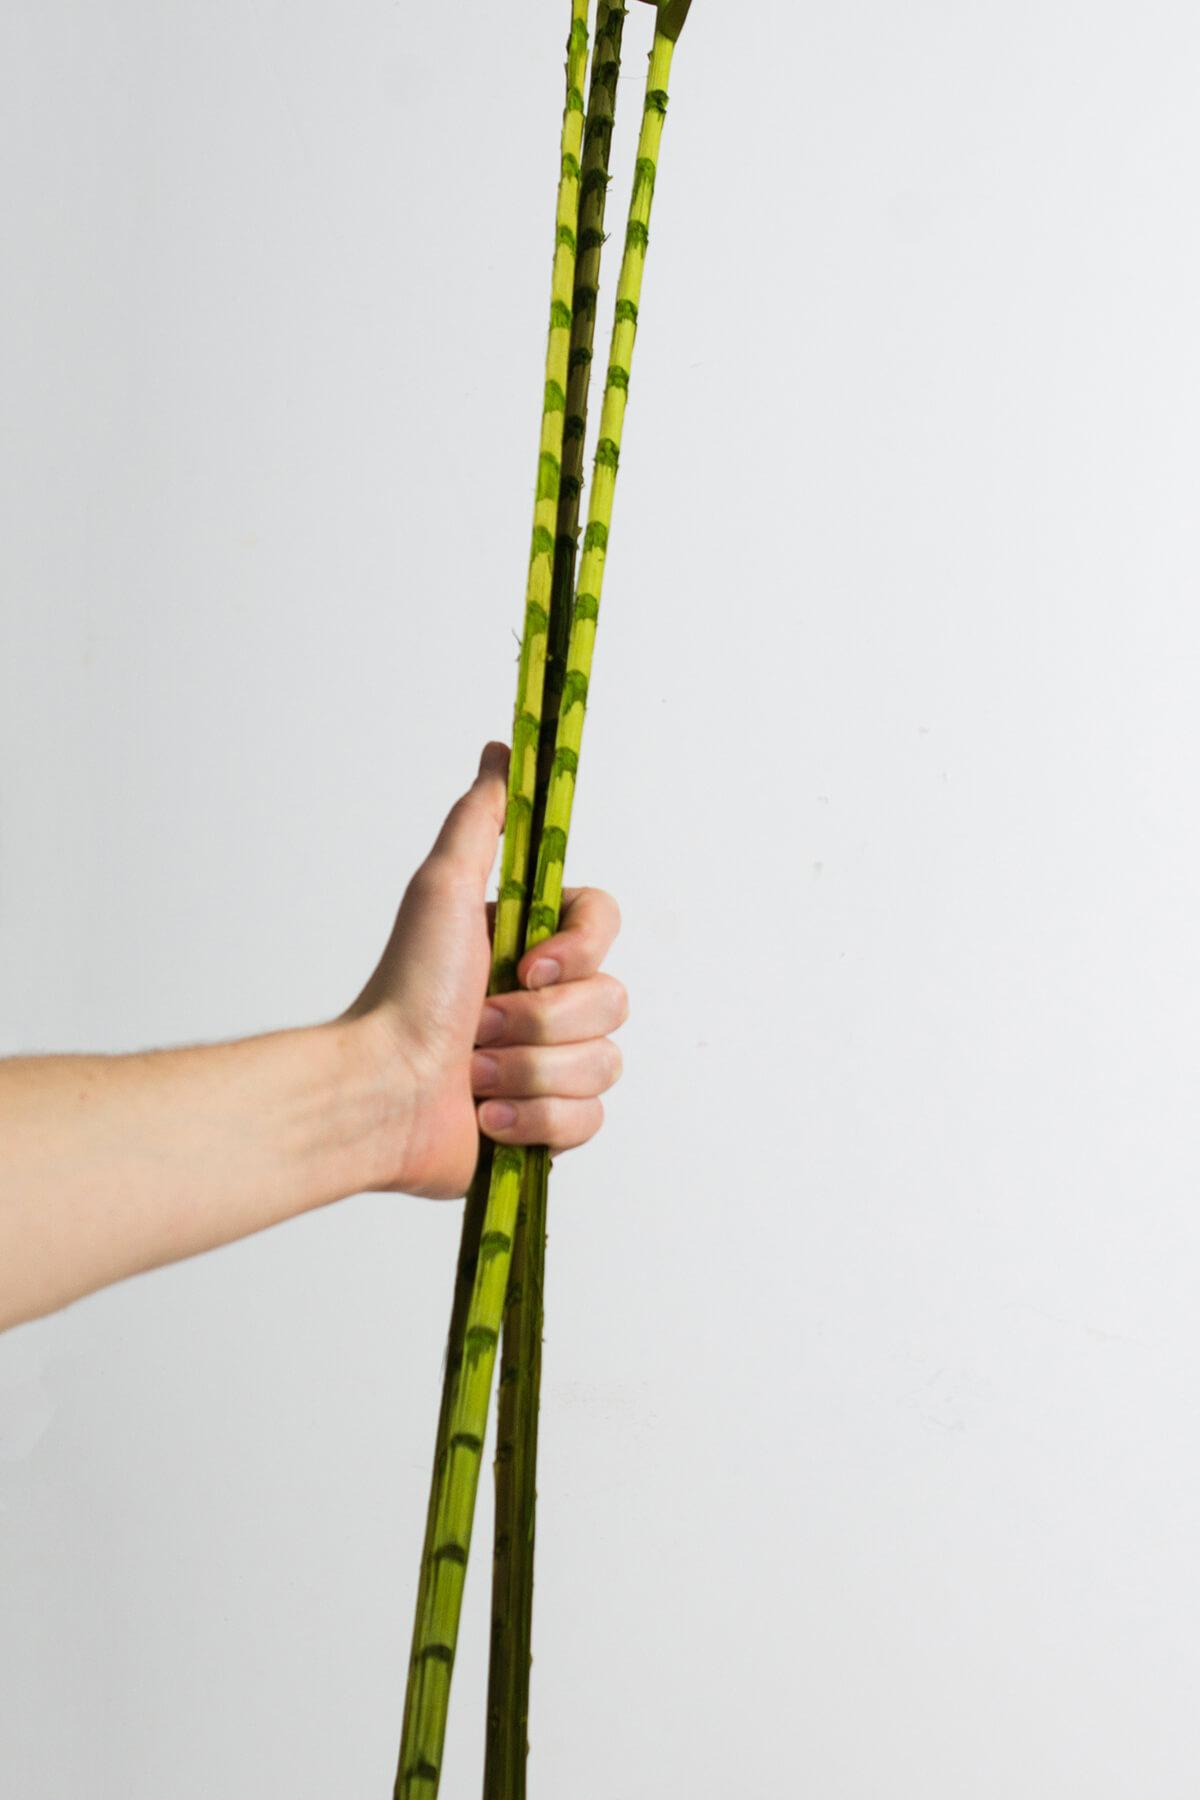 Brazilian Coco Palm Branches, 3 Stems,  3.5FT , Designer Cut